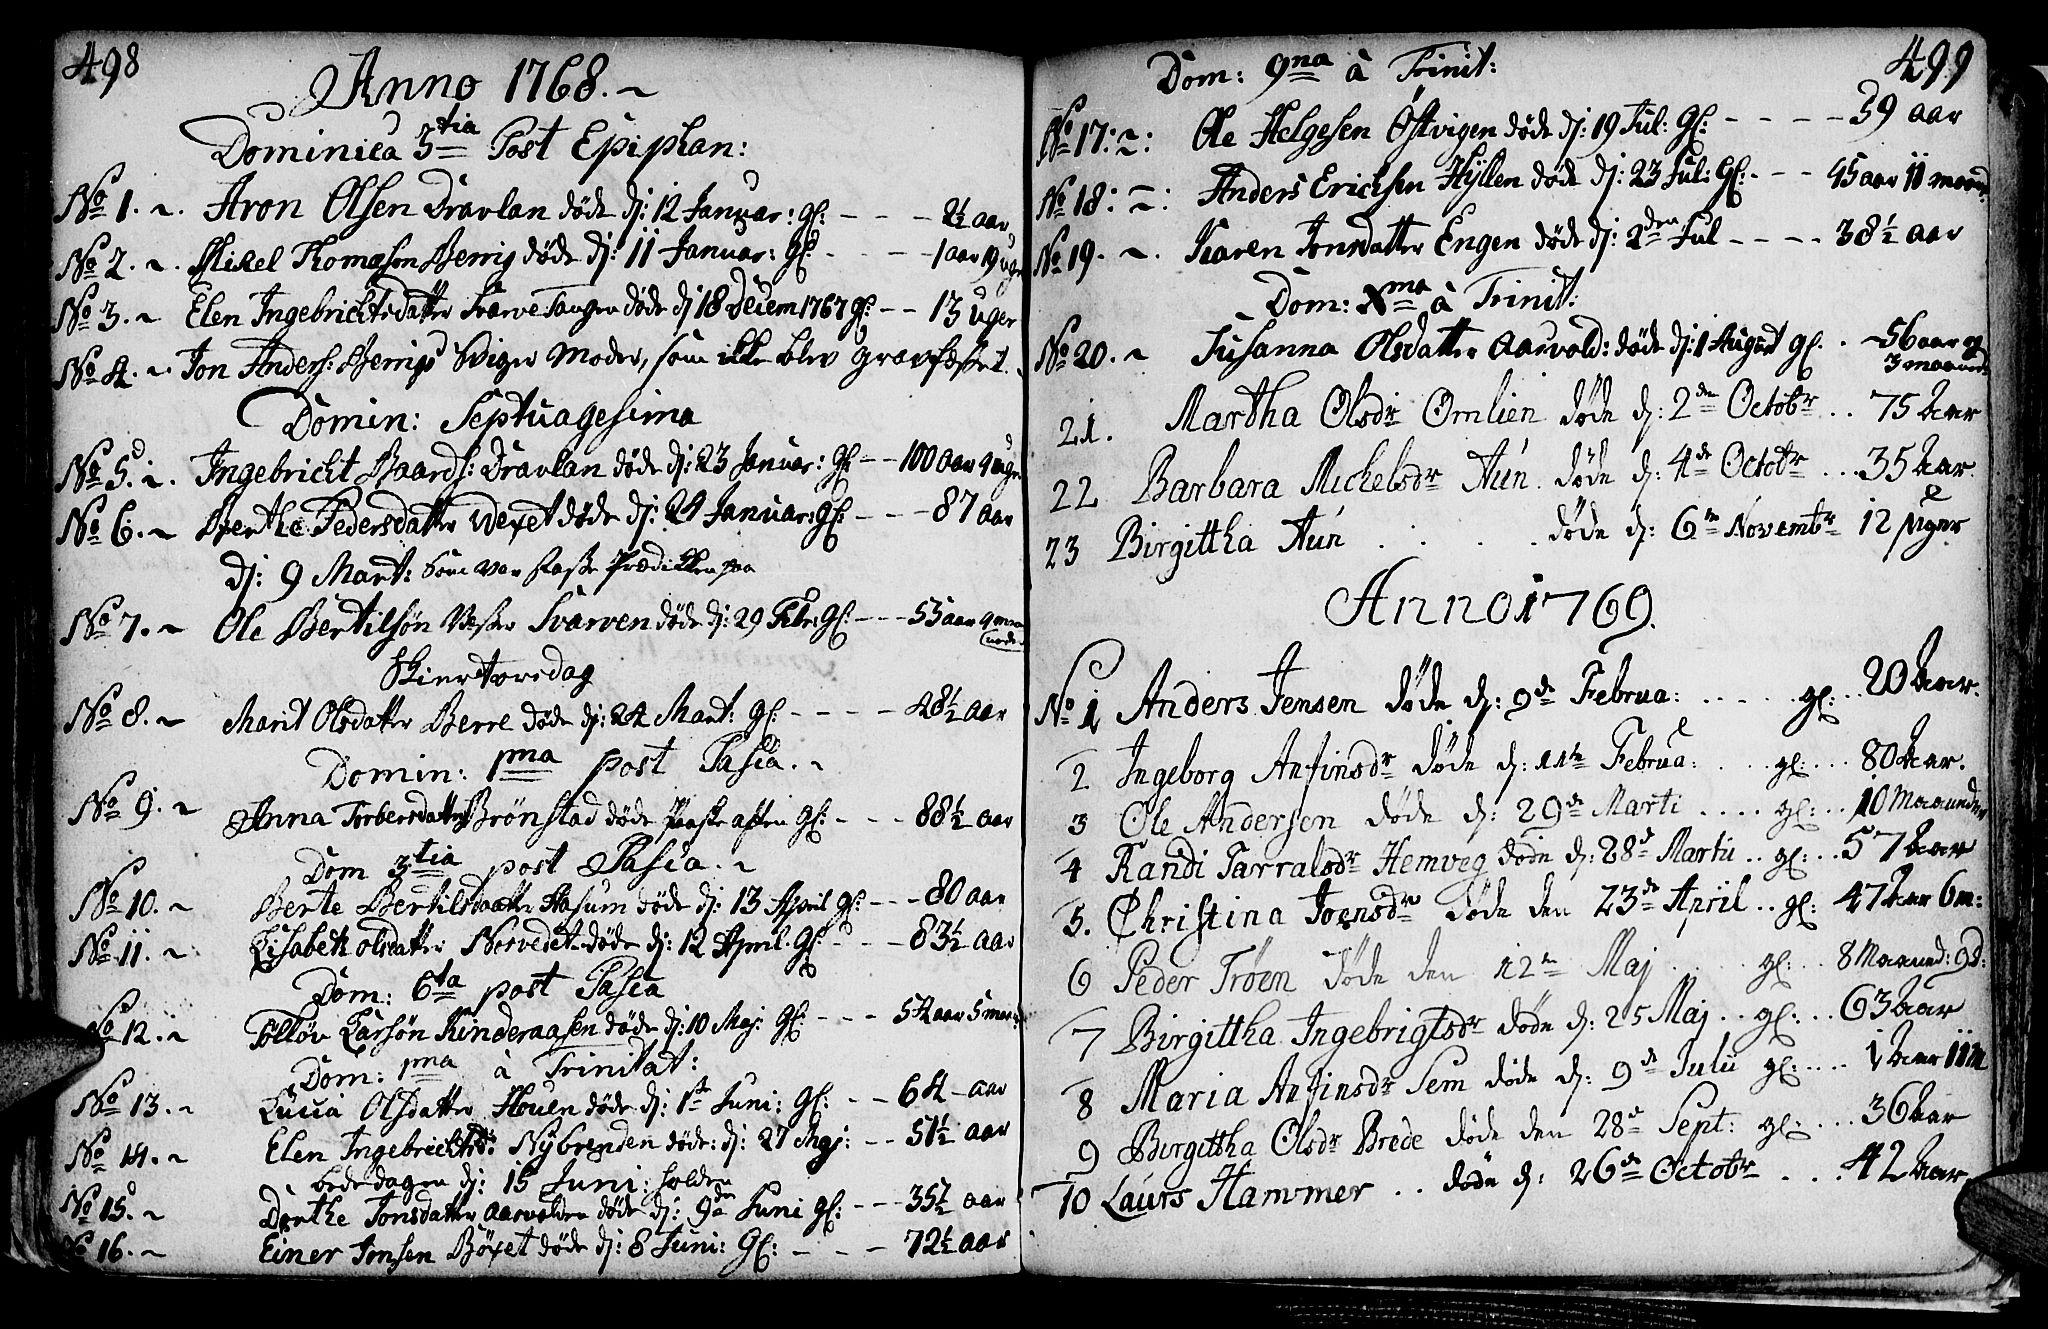 SAT, Ministerialprotokoller, klokkerbøker og fødselsregistre - Nord-Trøndelag, 749/L0467: Ministerialbok nr. 749A01, 1733-1787, s. 498-499